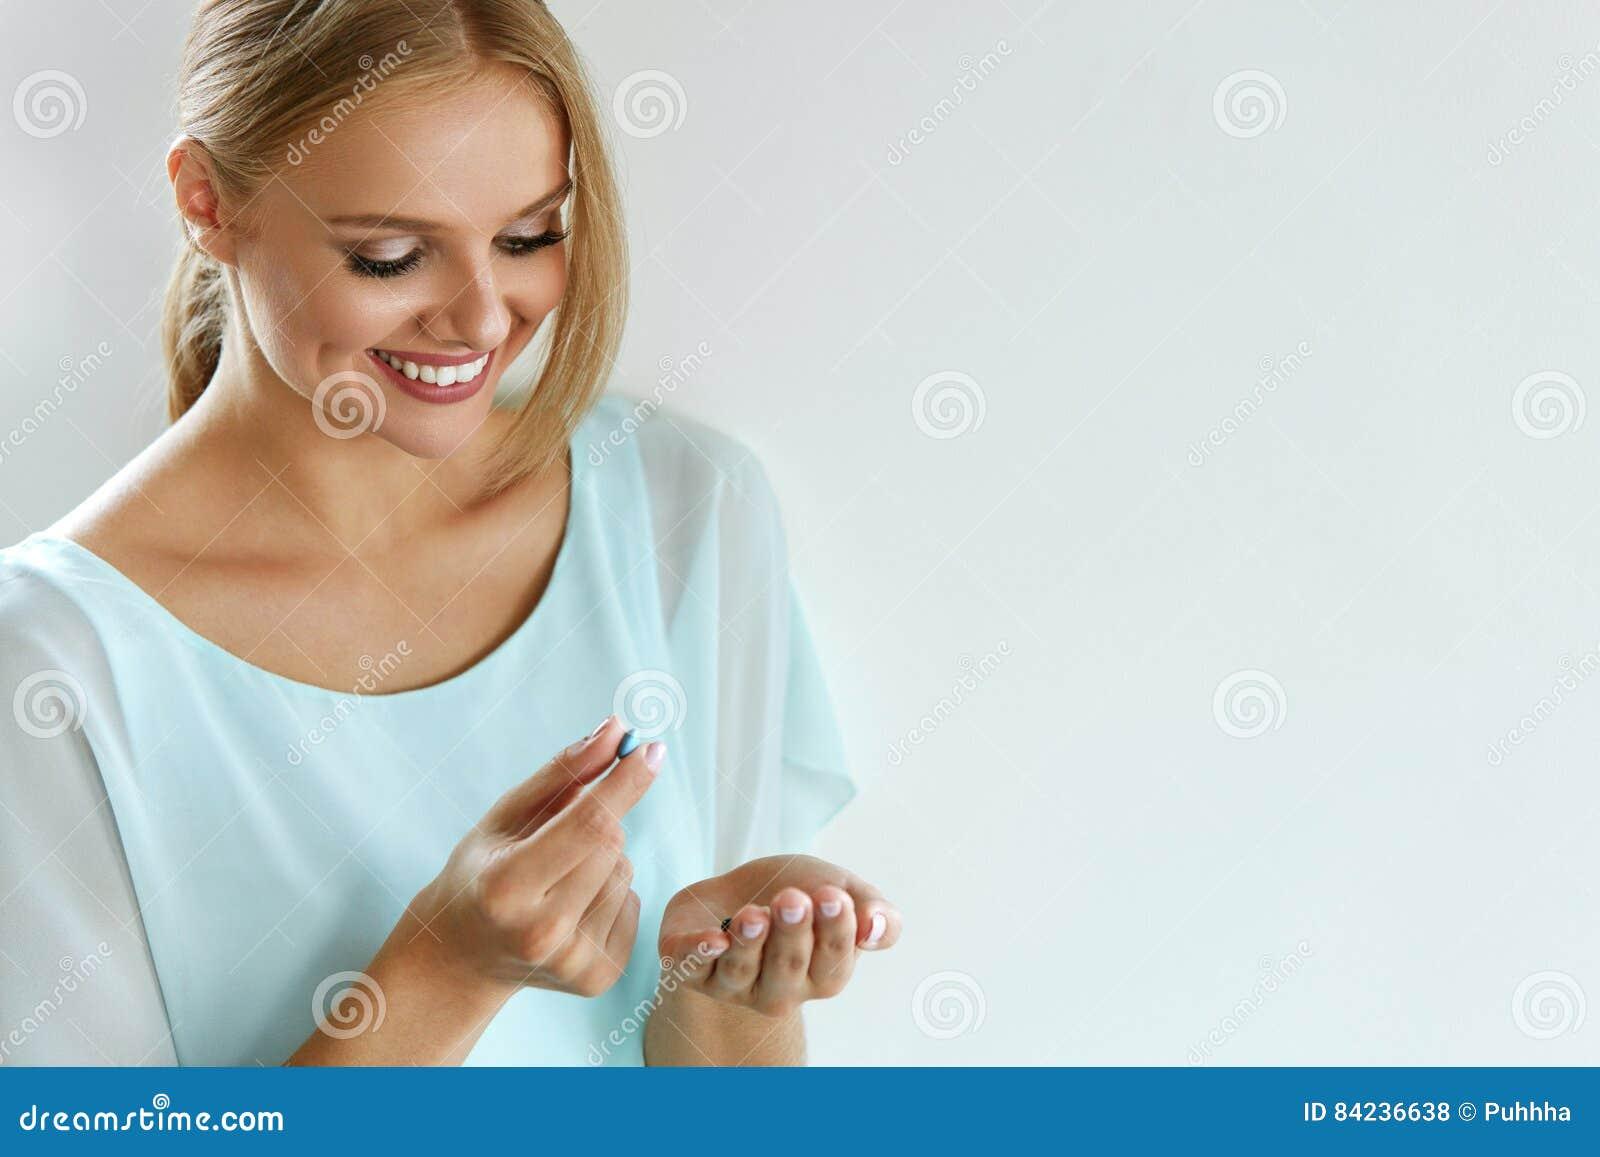 Mooie het Glimlachen de Vitaminepil van de Vrouwenholding ter beschikking gezondheid